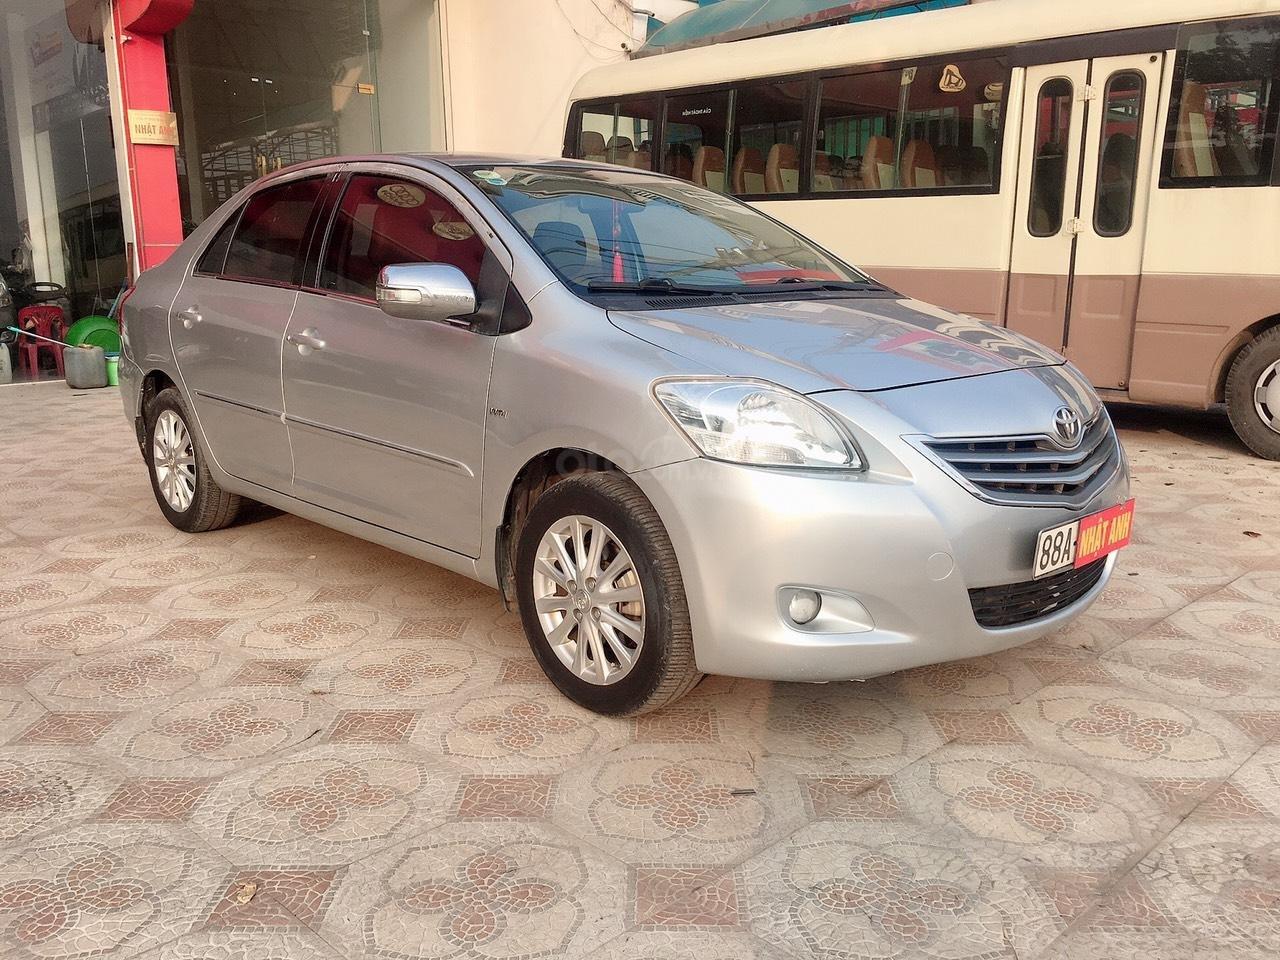 Bán Toyota Vios đời 2010 giá cực rẻ (2)